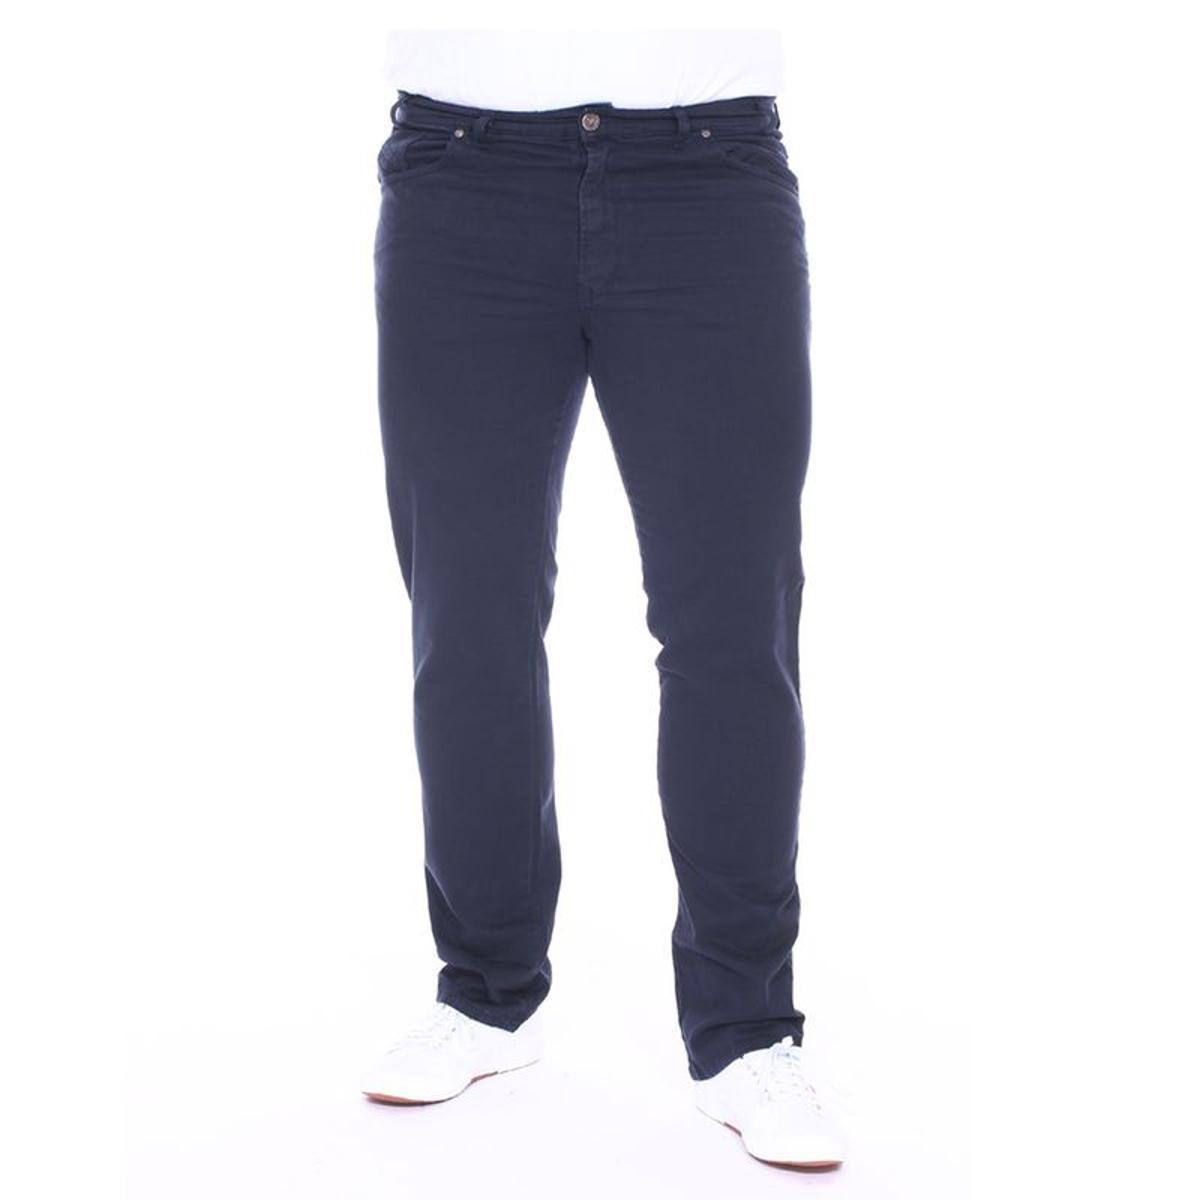 Jeans Coton, Elasthane